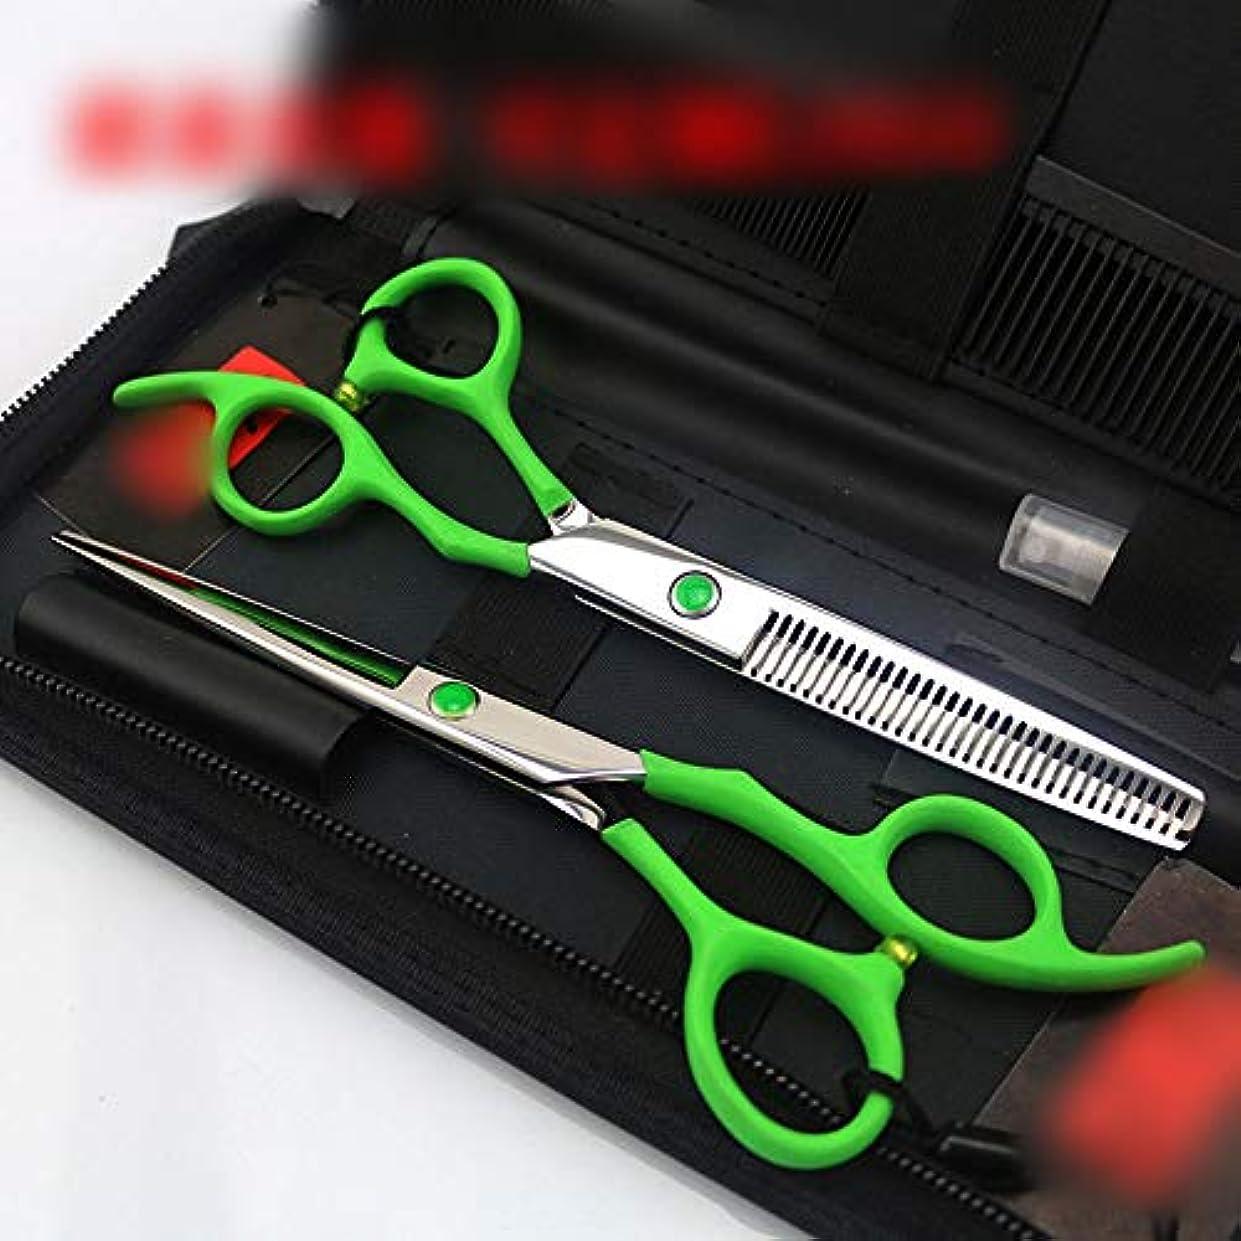 船外国家さようなら6.0インチグリーンプロフェッショナル理髪はさみセット、フラット+歯シザー理髪ツール ヘアケア (色 : オレンジ)